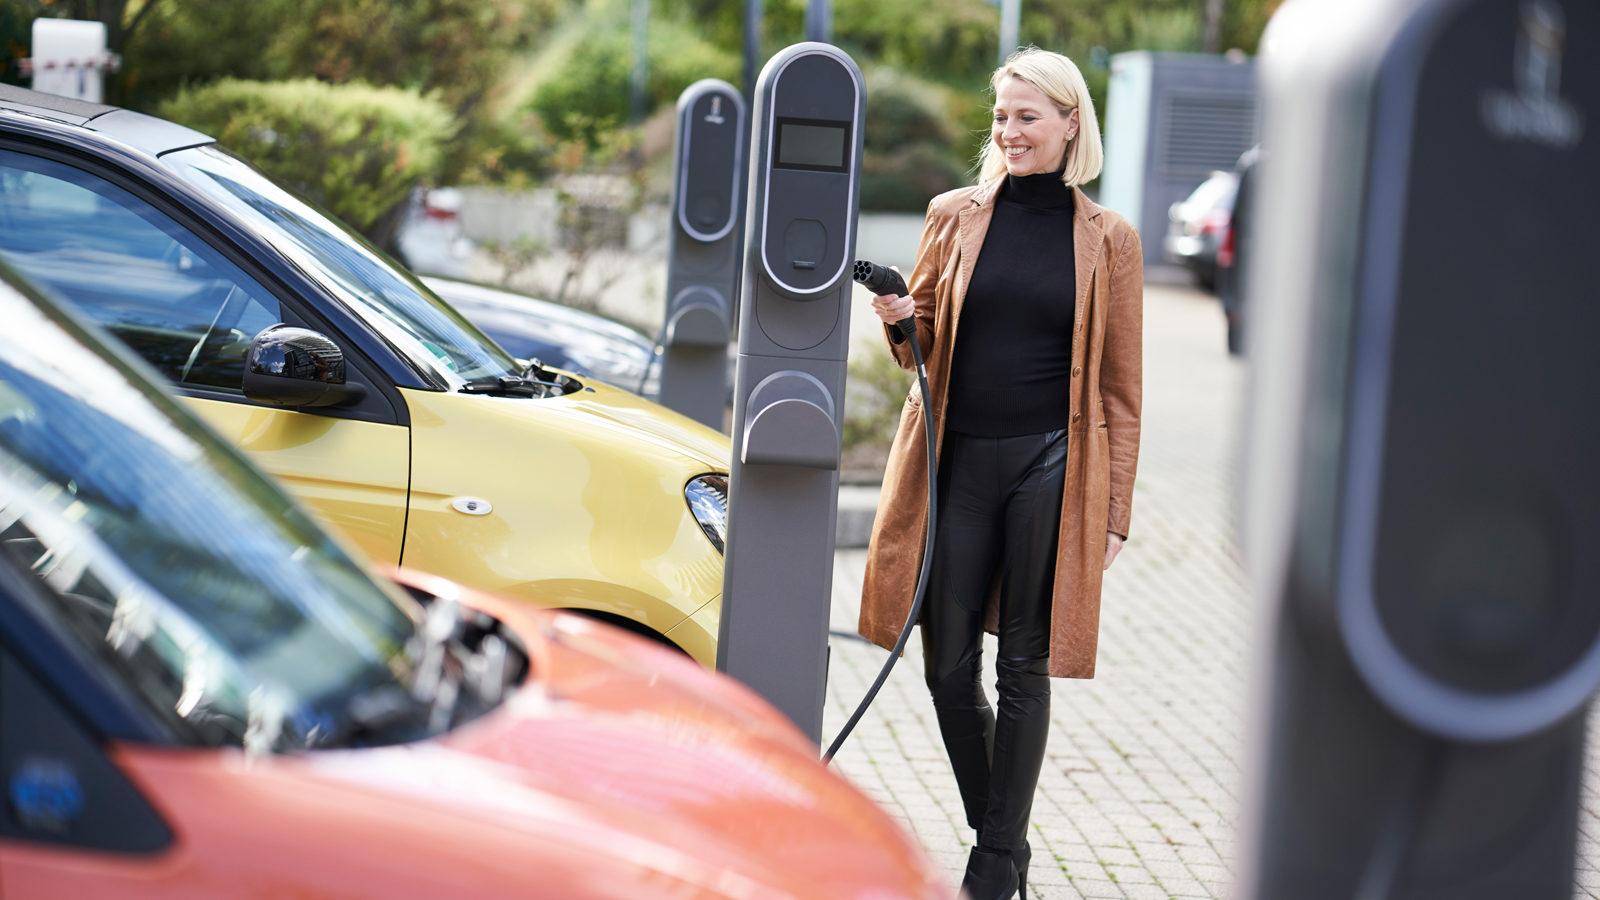 Zahl-der-Ladestromtarife-f-r-Elektroautos-w-chst-enorm